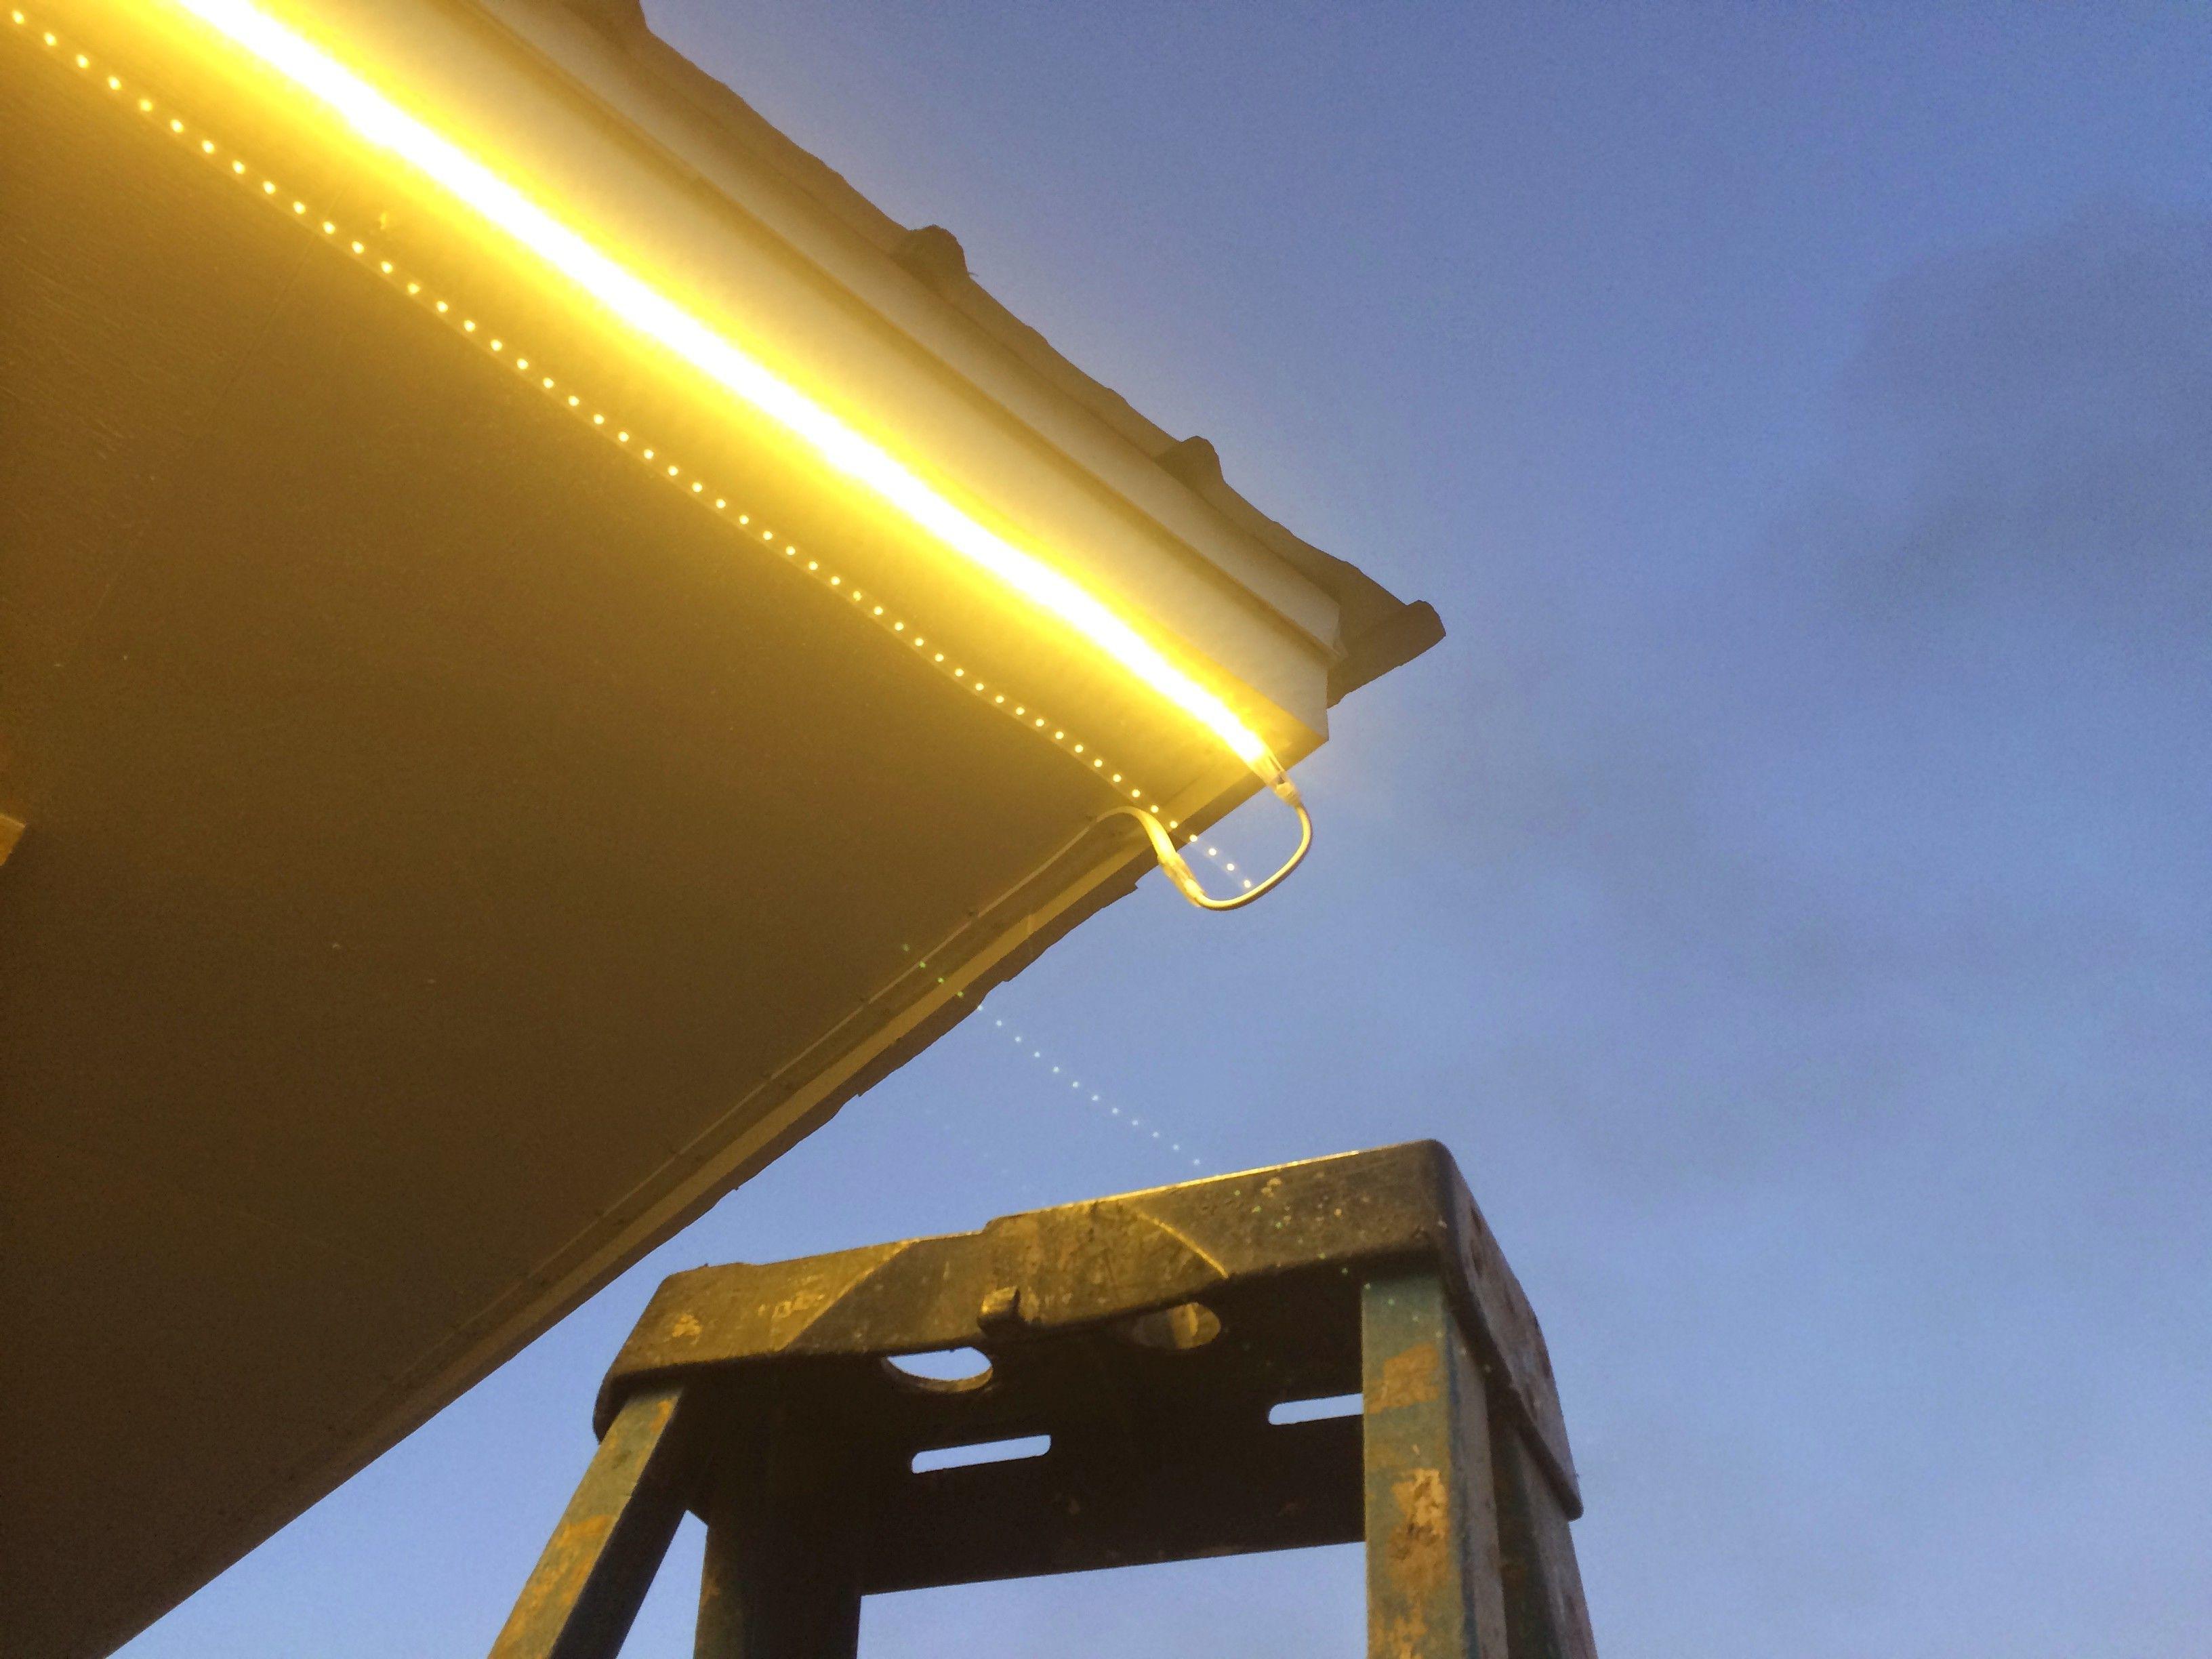 led eave lighting led lighting diy